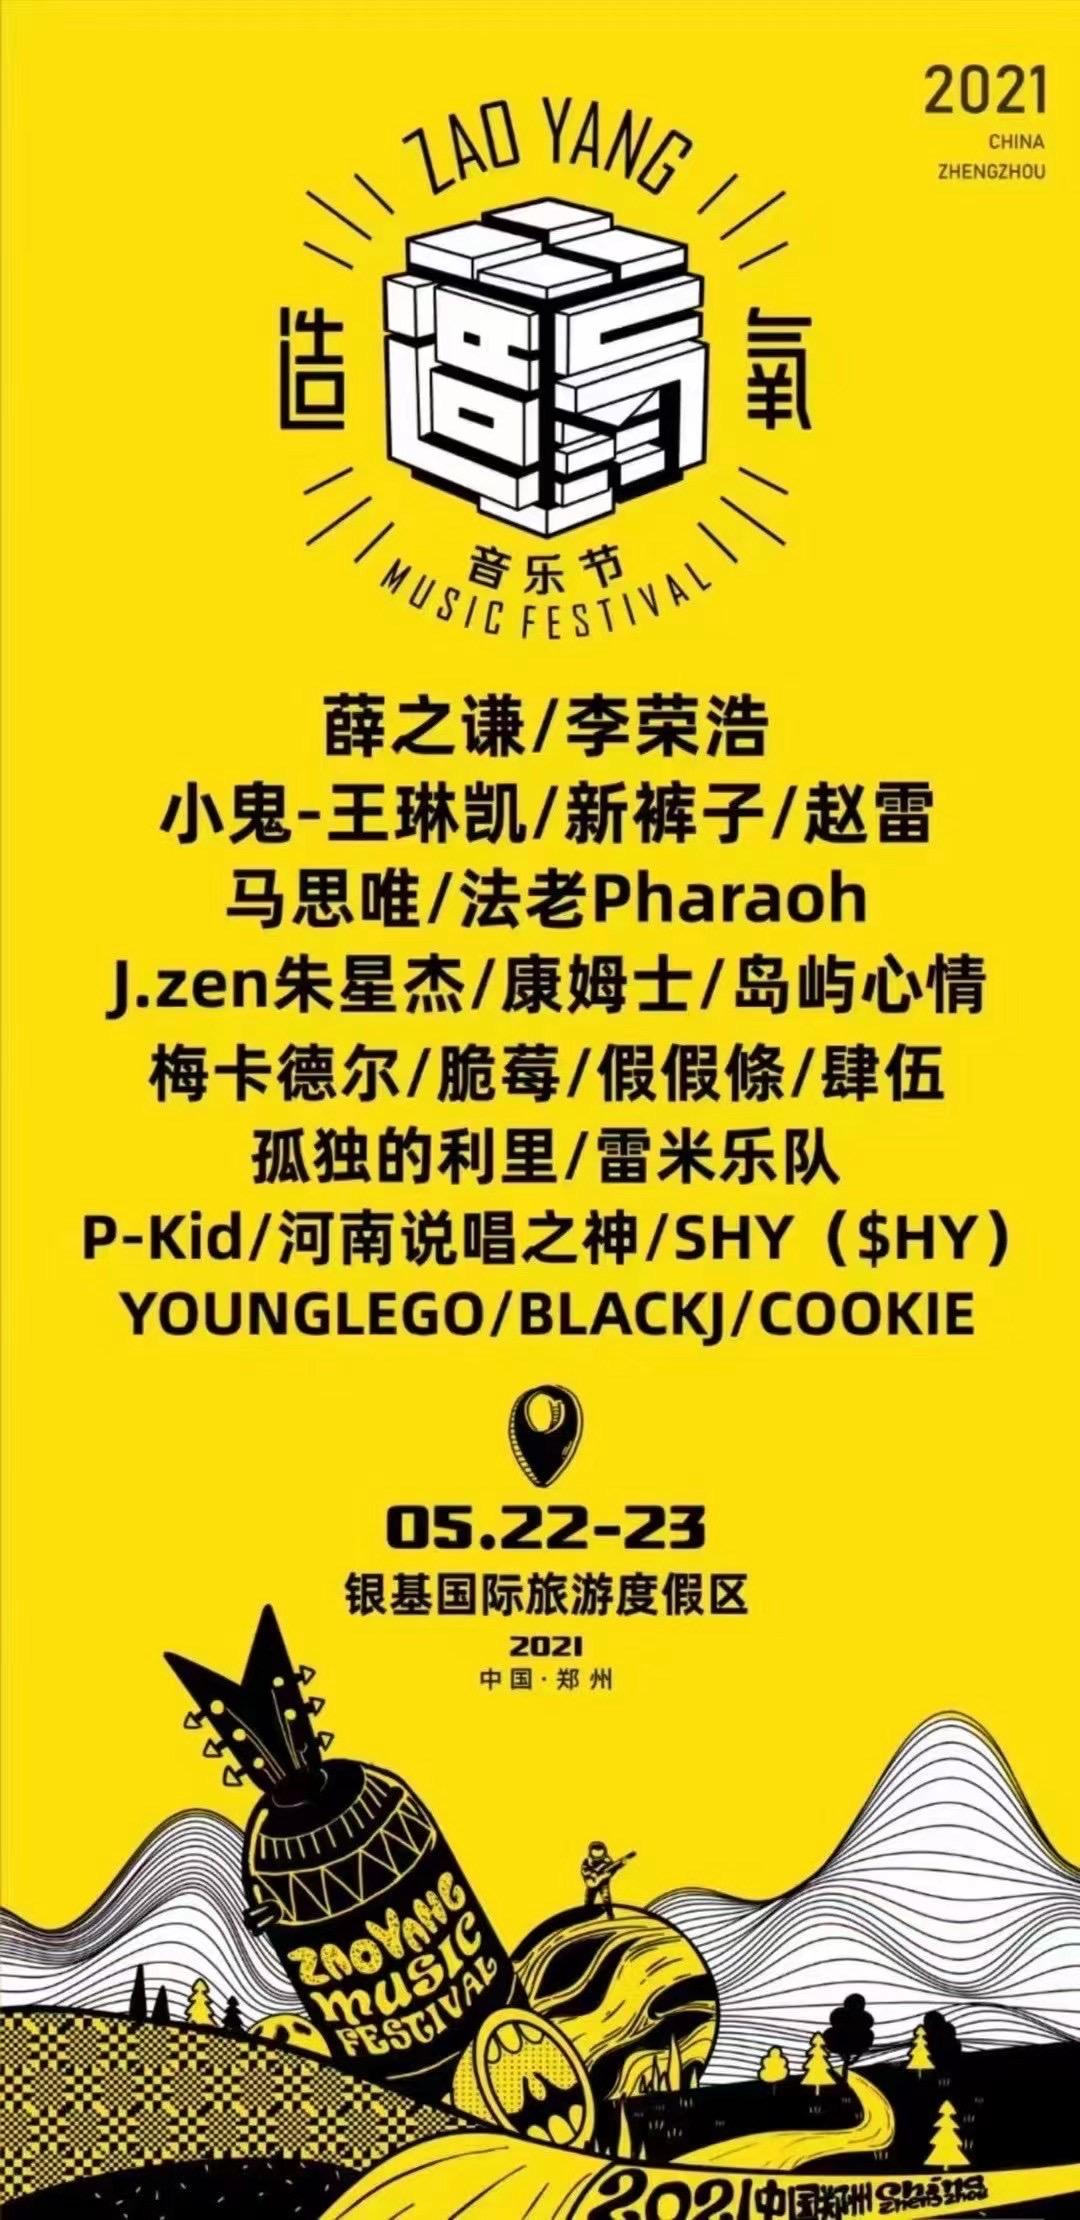 2021李荣浩郑州造氧音乐节时间、地点、阵容一览